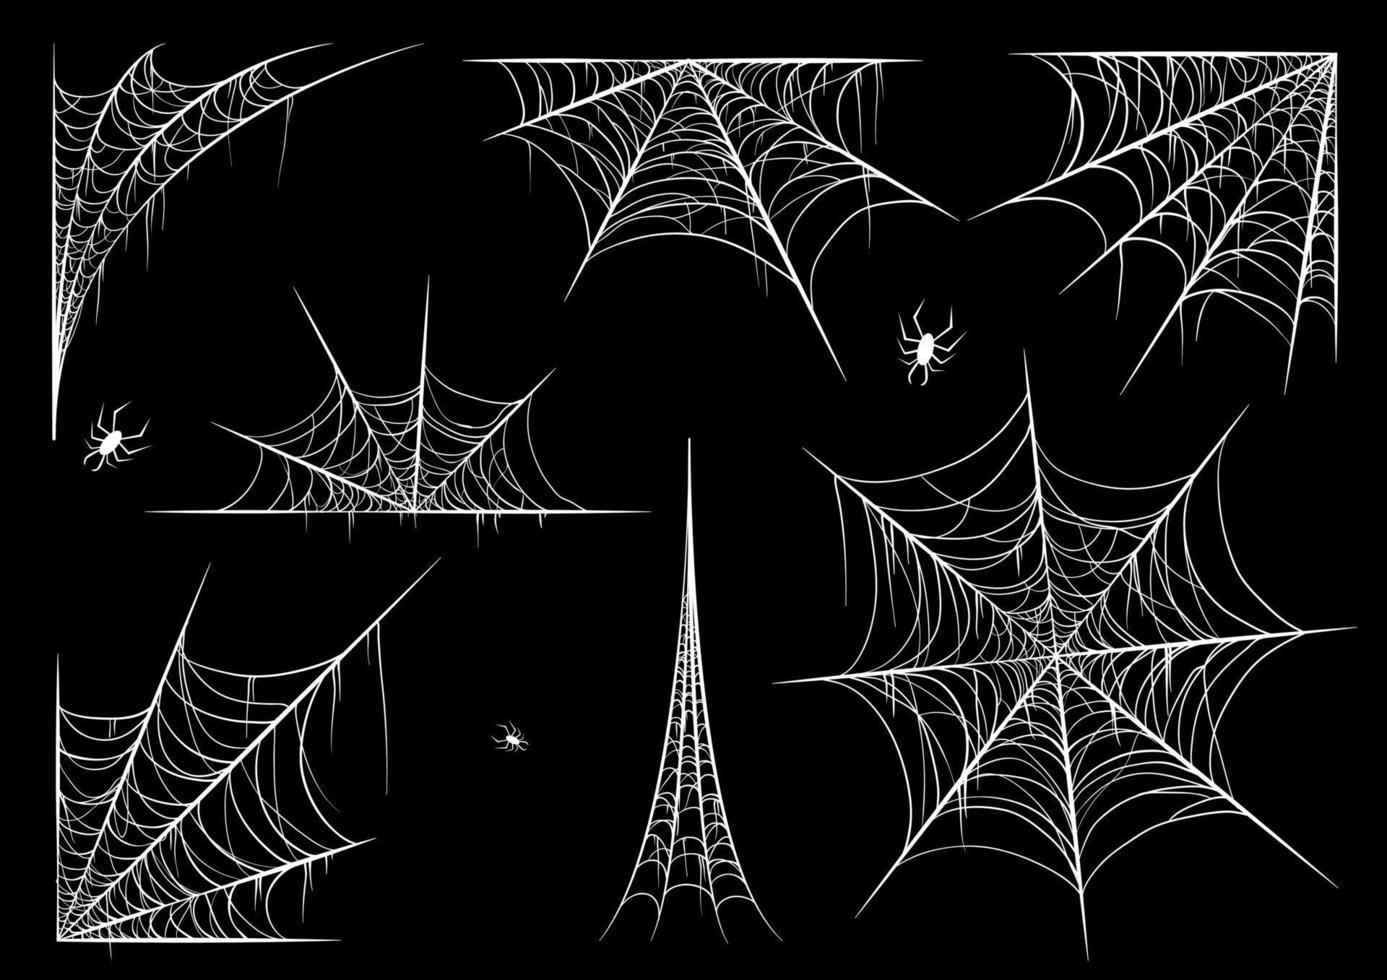 Spinnennetz gesetzt, lokalisiert auf schwarzem transparentem Hintergrund. Spinnennetz für Halloween, gruselig, gruselig, Horror Dekor mit Spinnen. vektor